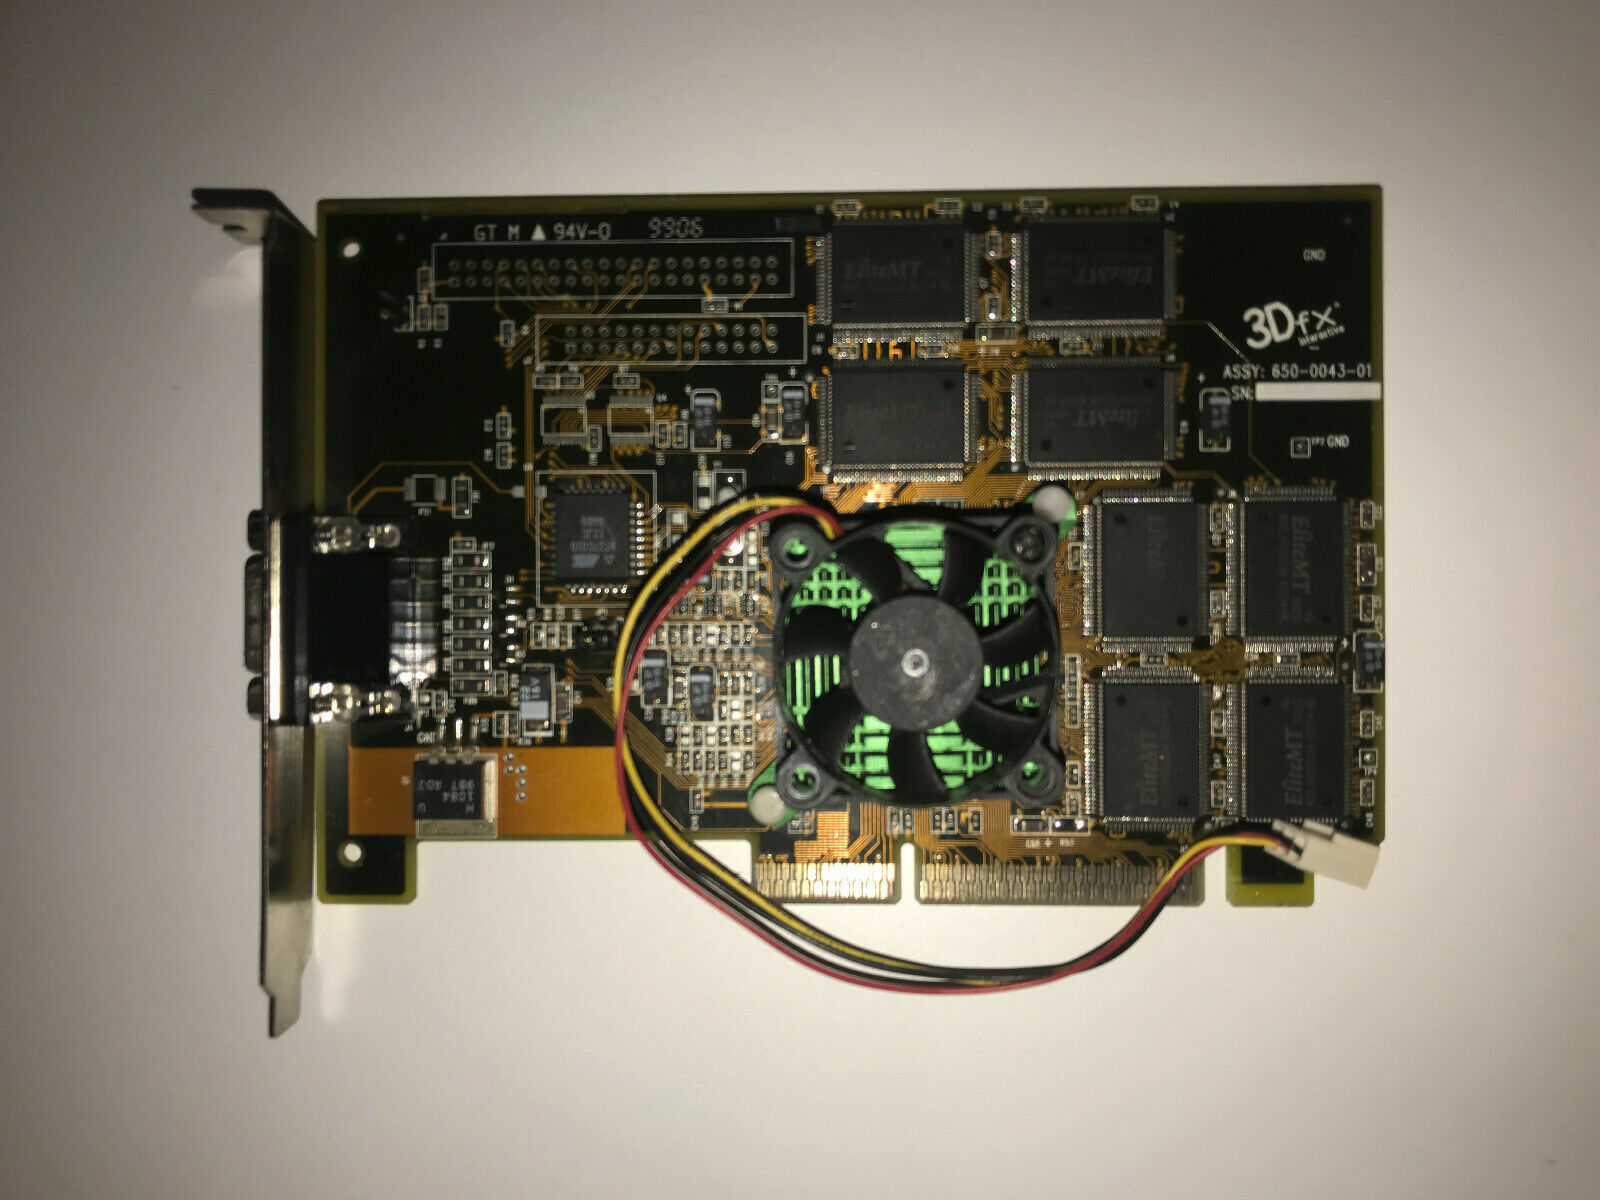 3dfx Voodoo Banshee 16mb AGP